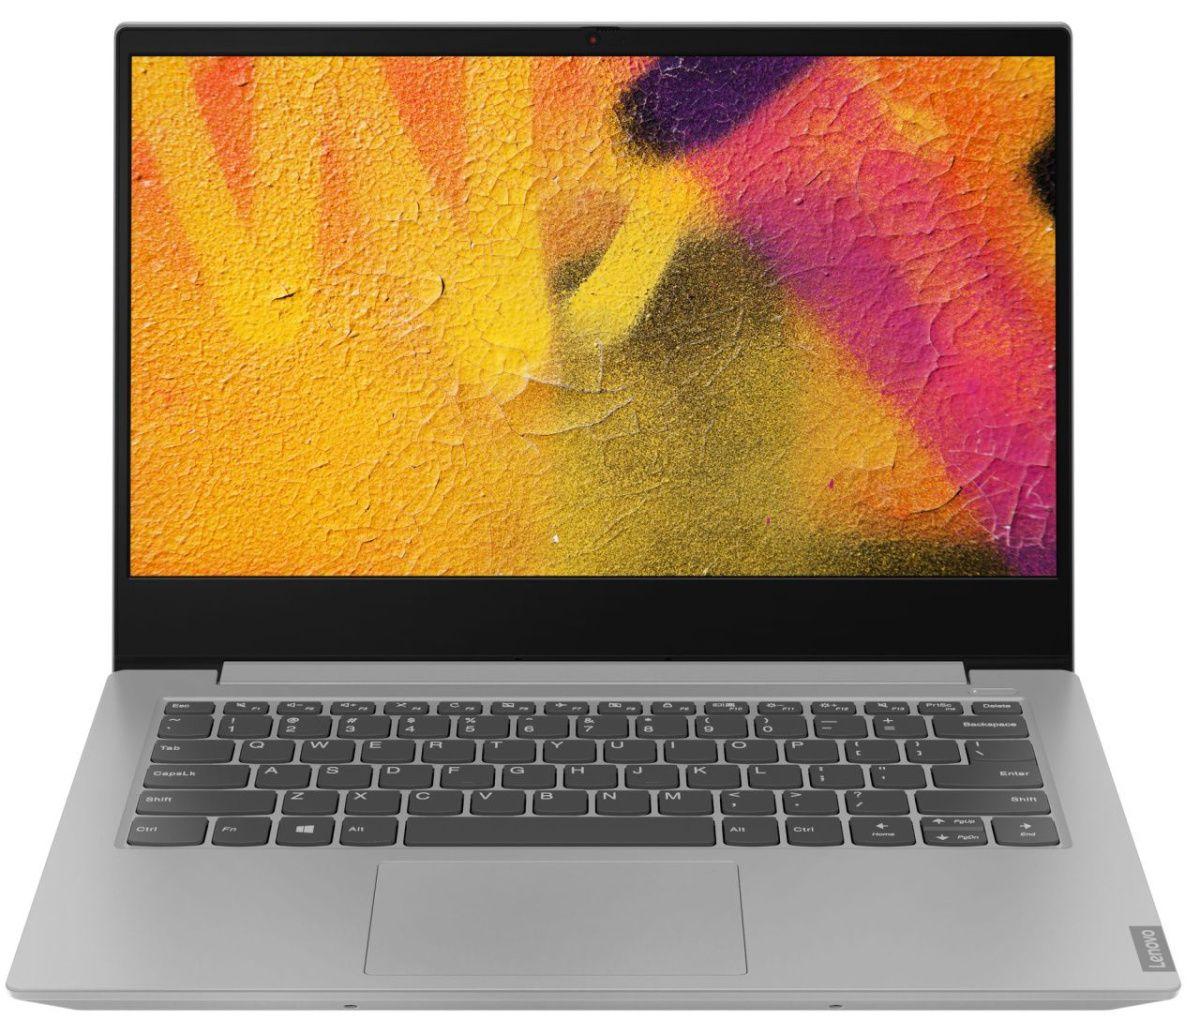 Ноутбук Lenovo IdeaPad S340-14 (81N700VDRA)